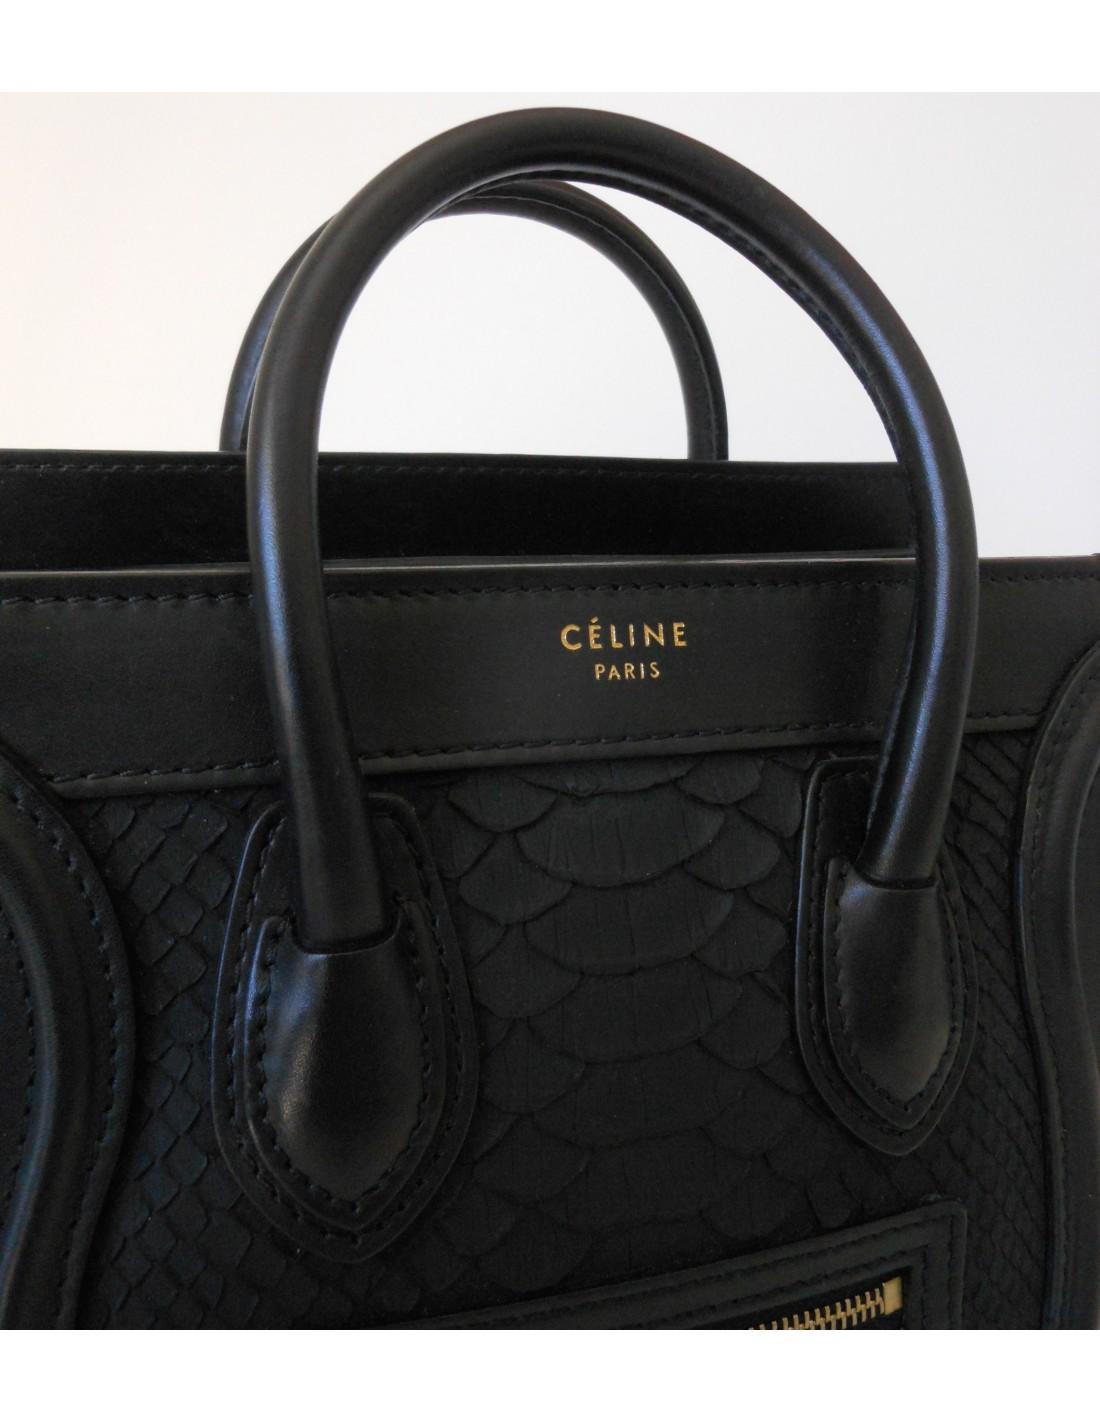 3bb053899d SAC CELINE NANO LUGGAGE - Atoutluxe Boutique